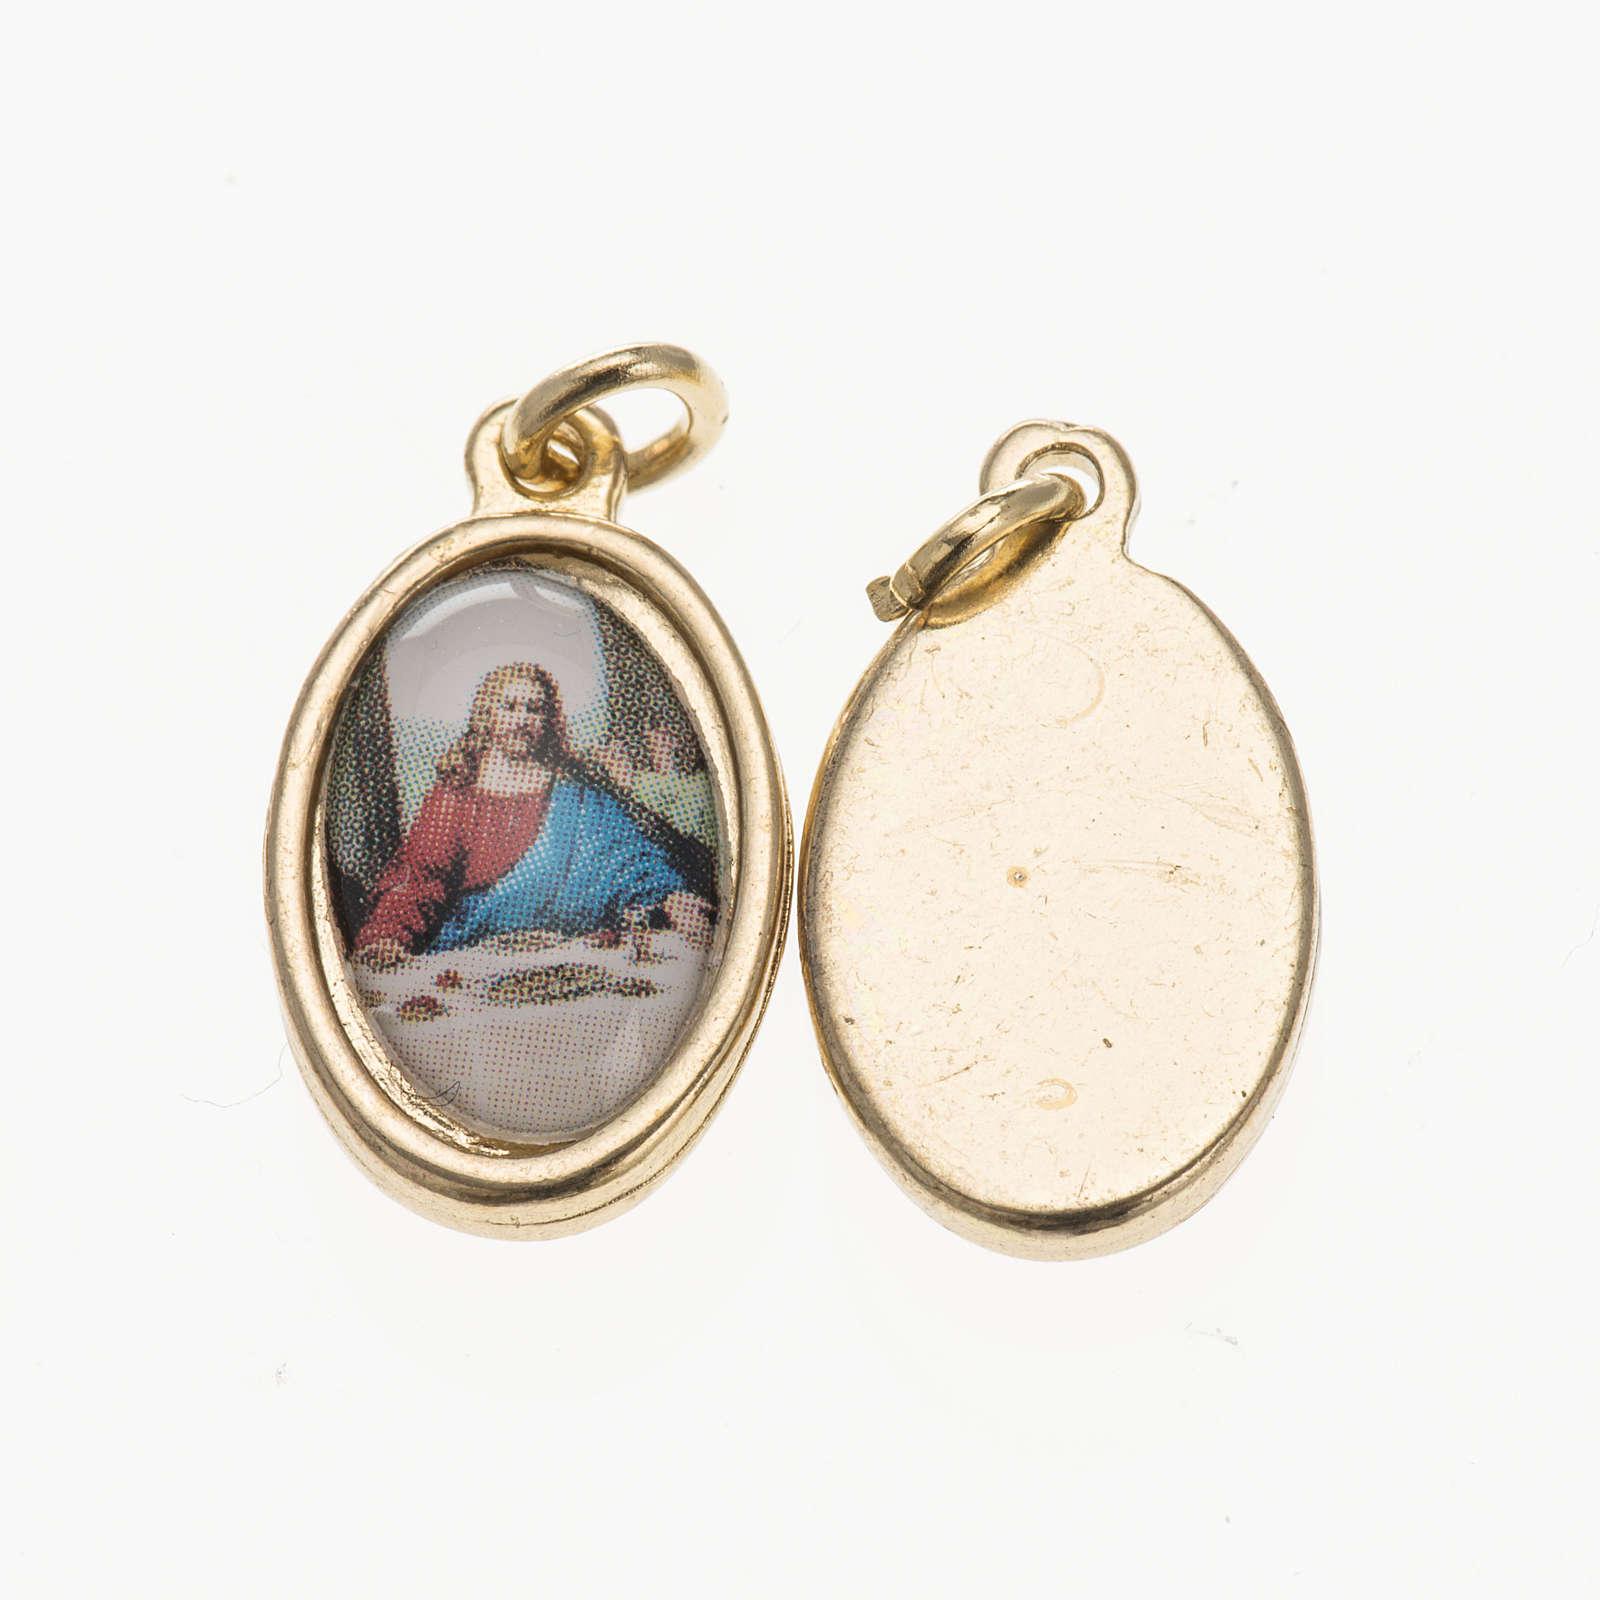 Médaille Dernière Cène dorée 1,5x1 4